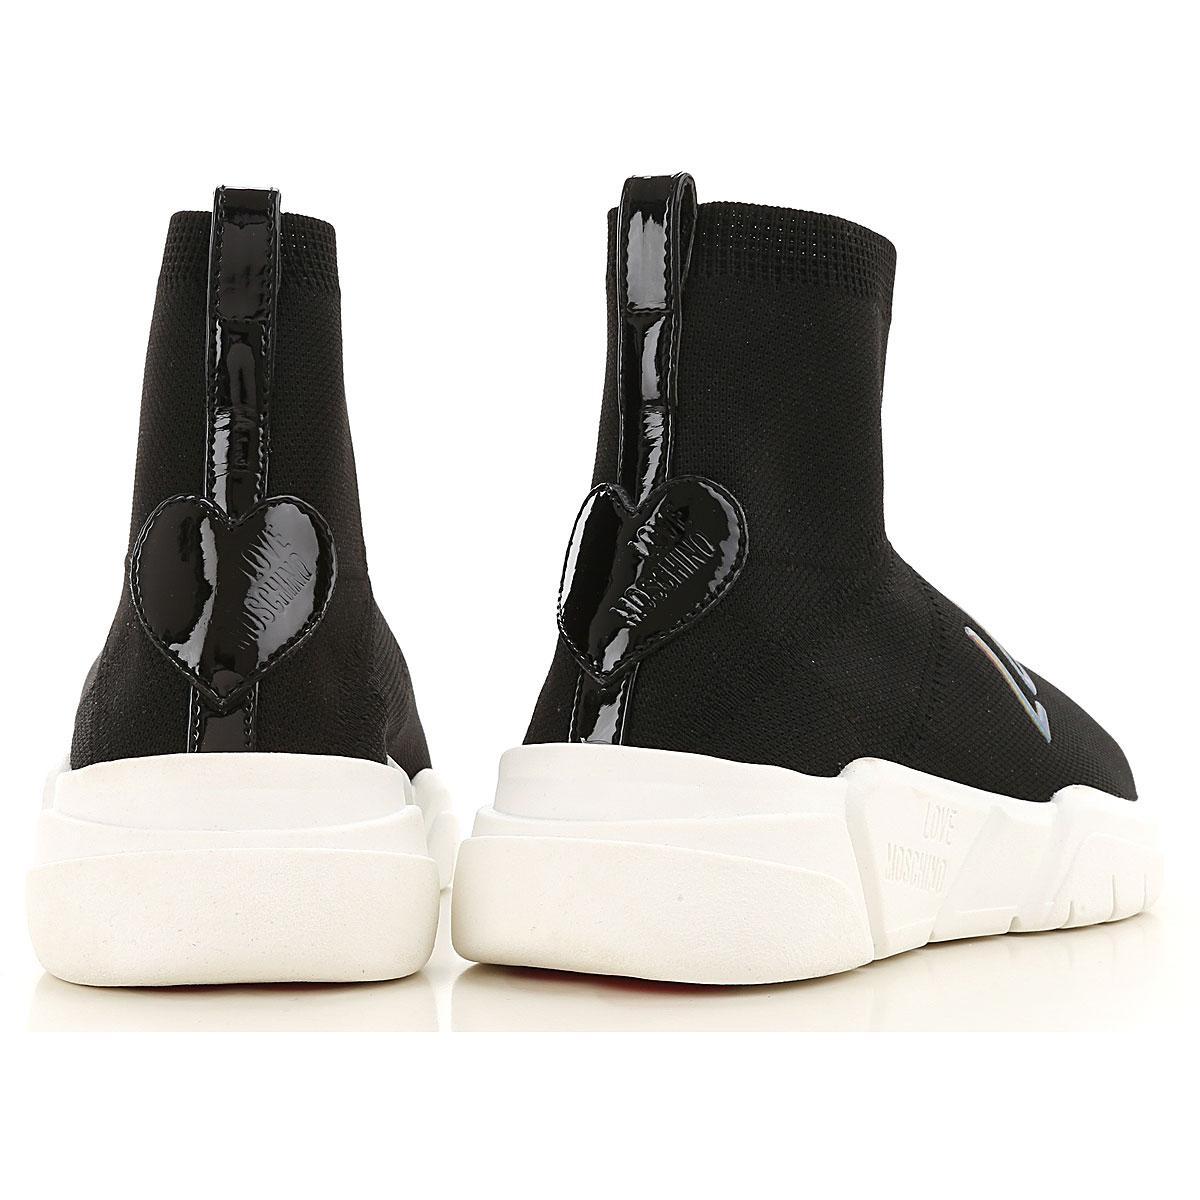 Zapatillas Deportivas de Mujer Moschino de Cuero de color Negro